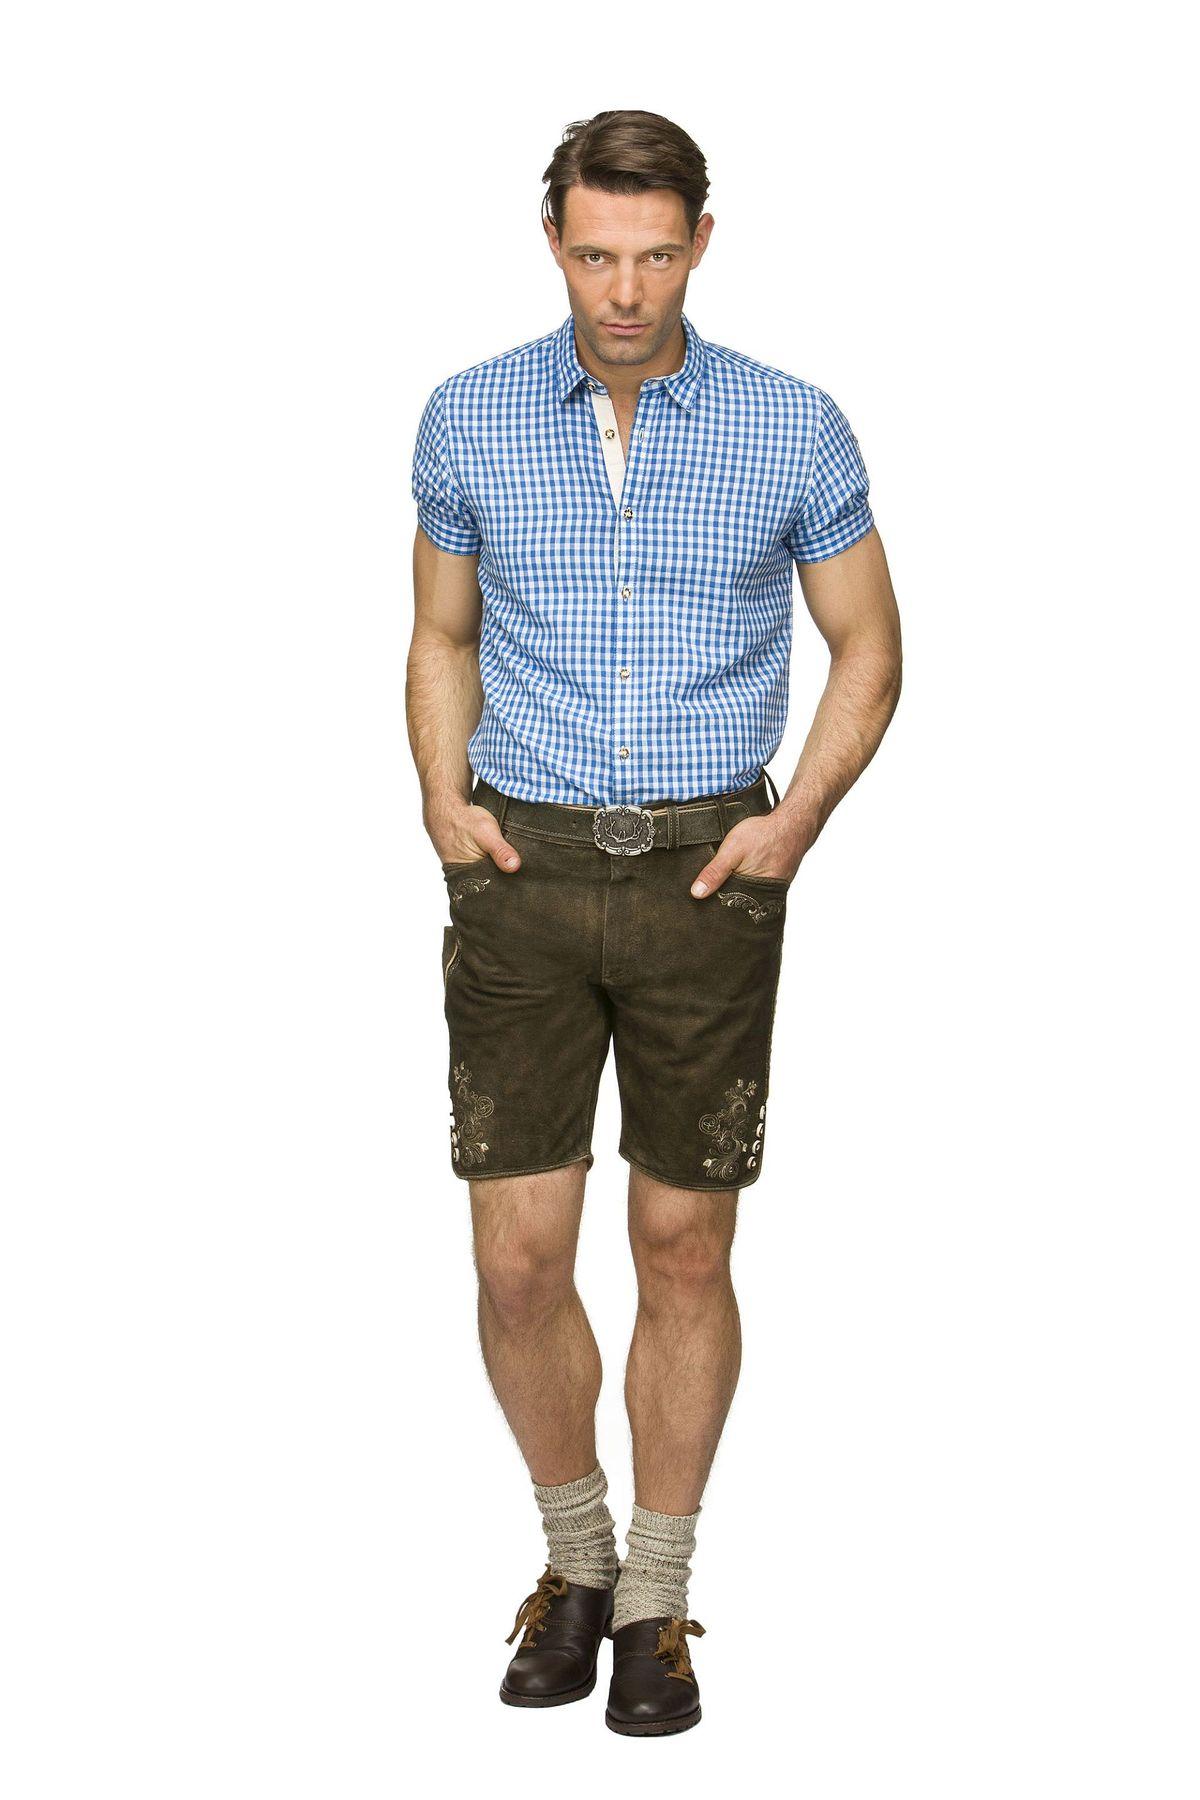 Stockerpoint - Herren Trachten Lederhose mit Gürtel in verschiedenen Farben, Corbi3 – Bild 7